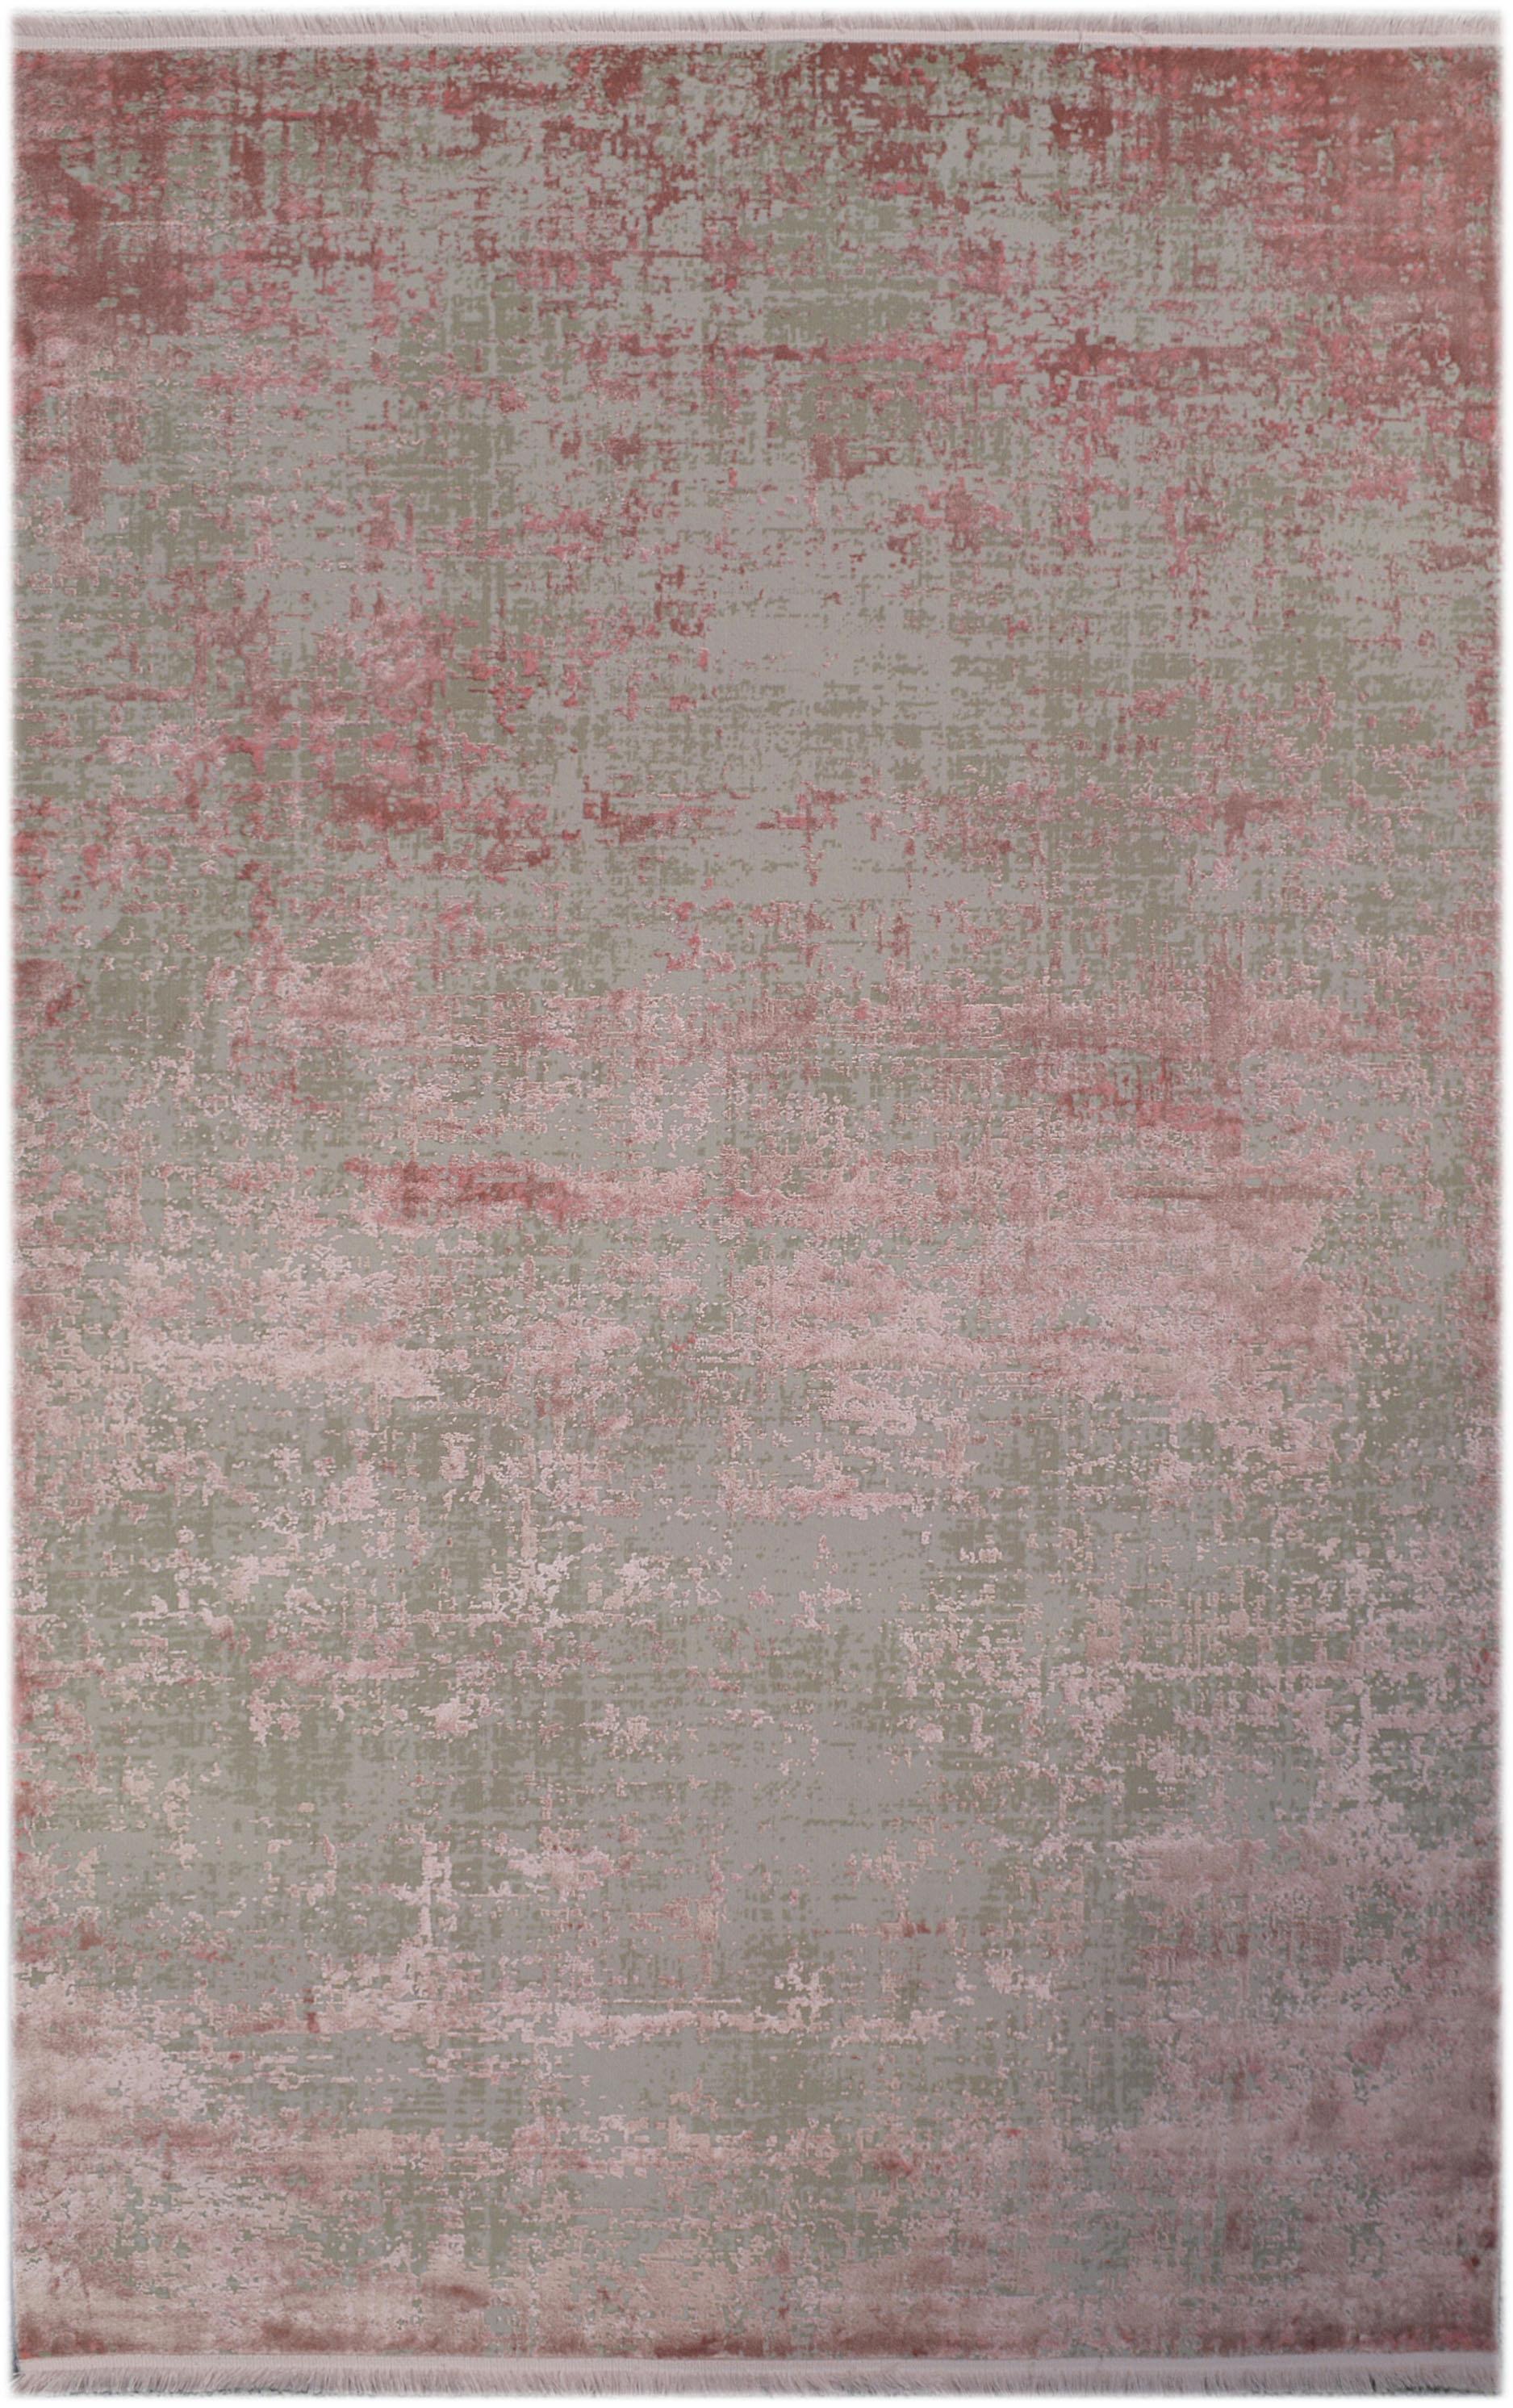 Tappeto vintage con frange effetto lucido Cordoba, Retro: cotone, Grigio, tonalità rosa, Larg. 130 x Lung. 190 cm (taglia S)